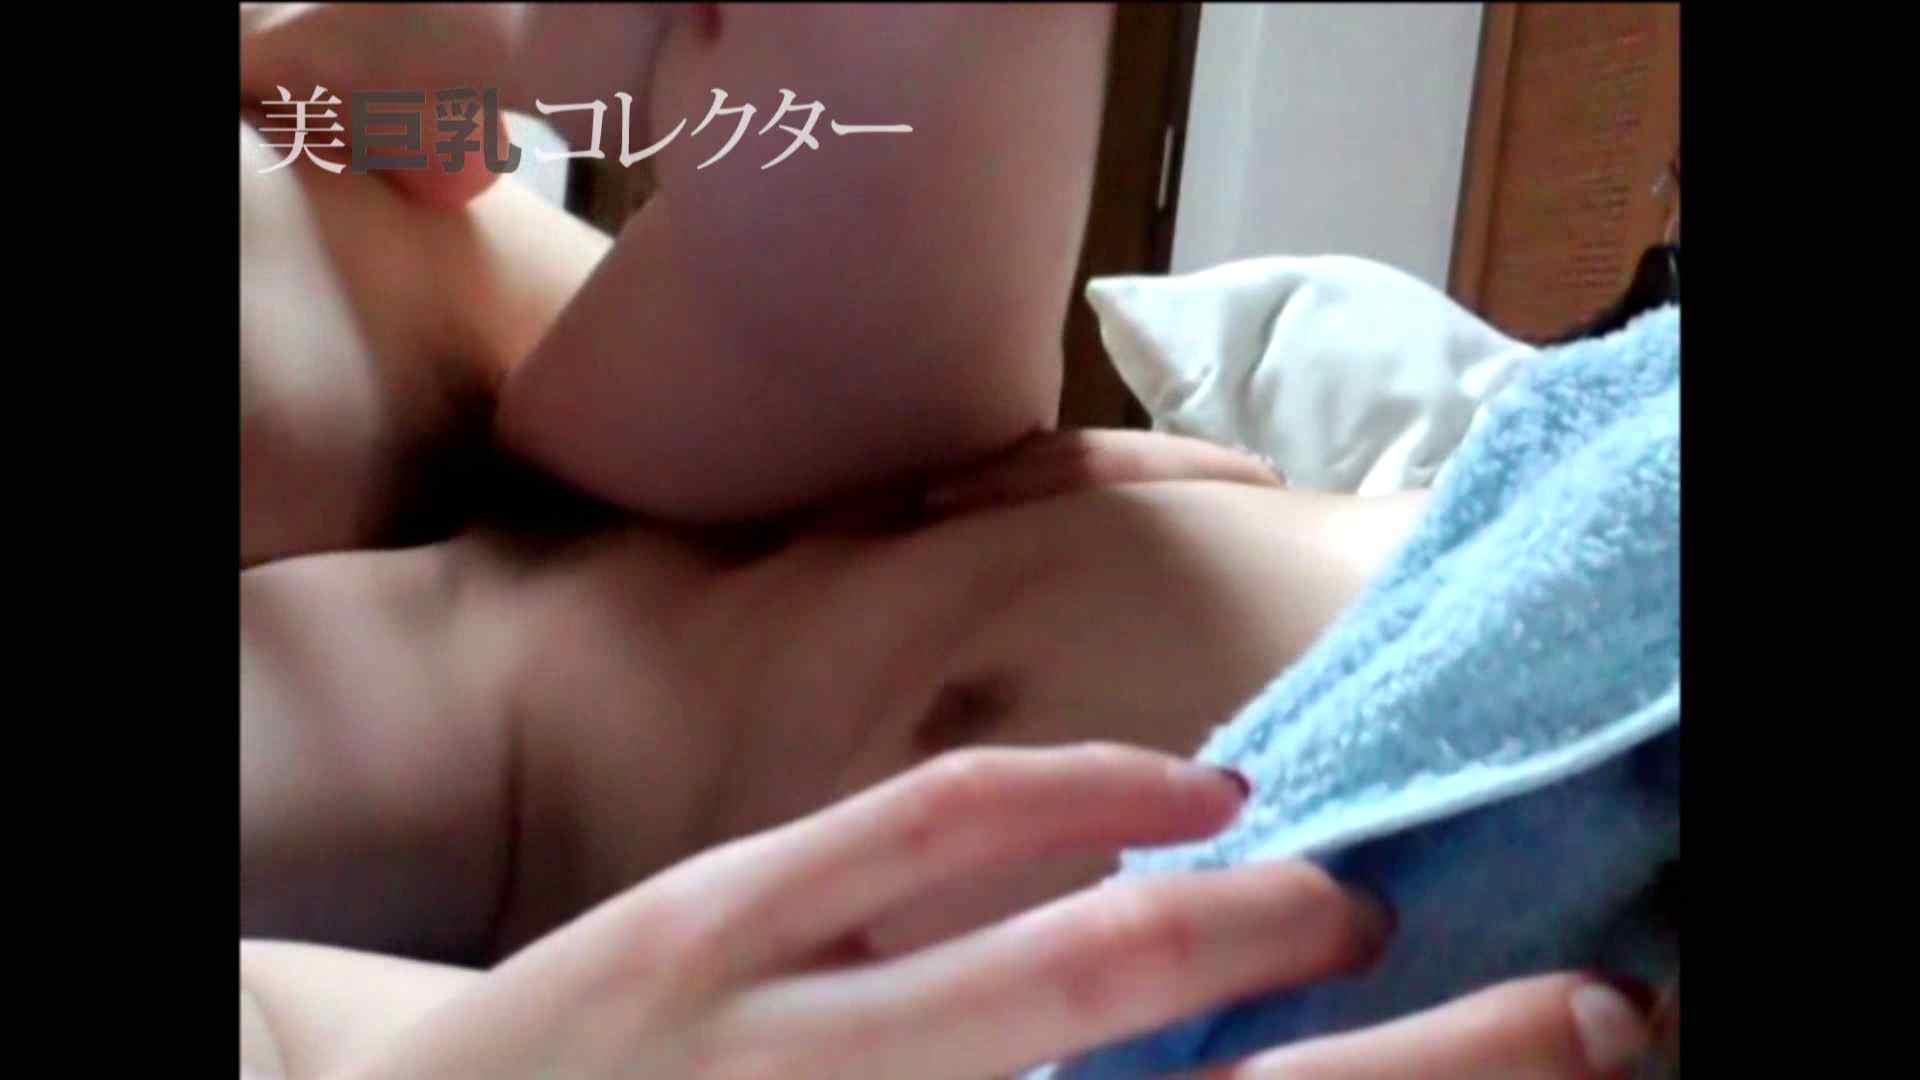 泥酔スレンダー巨乳美女3 一般投稿 すけべAV動画紹介 106枚 35